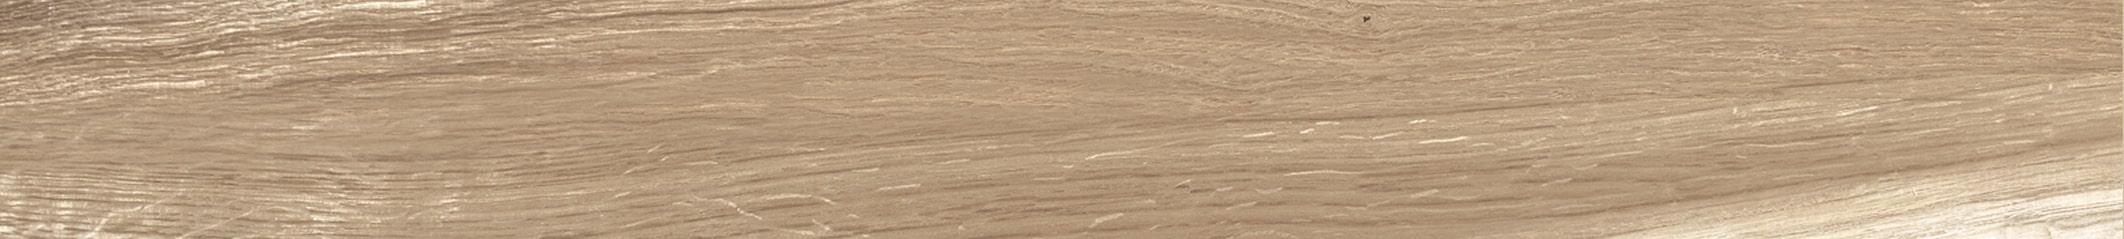 Wooden Tile / Wooden Walnut Matte 10mm 20 x 180